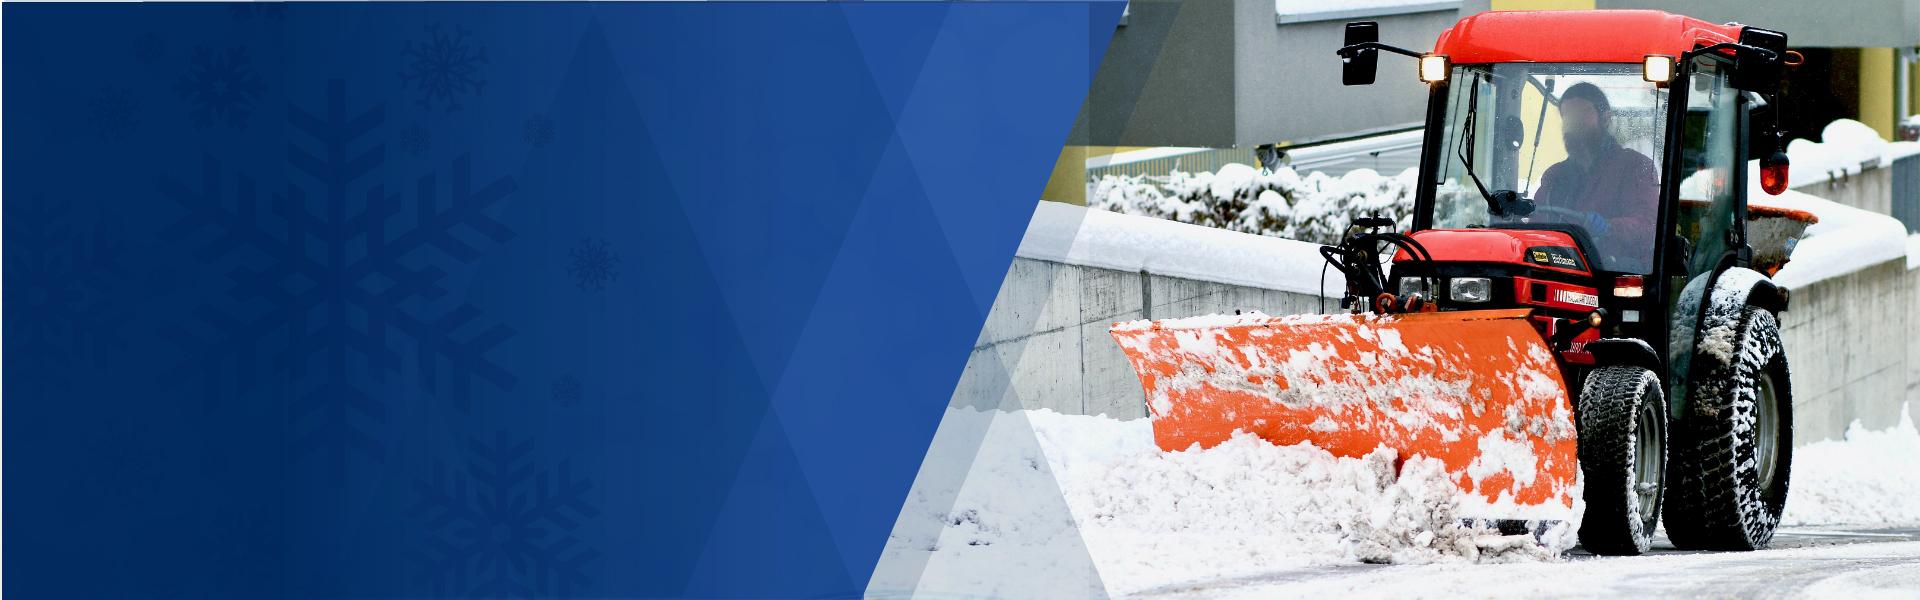 AKCJA ZIMA 2018/2019